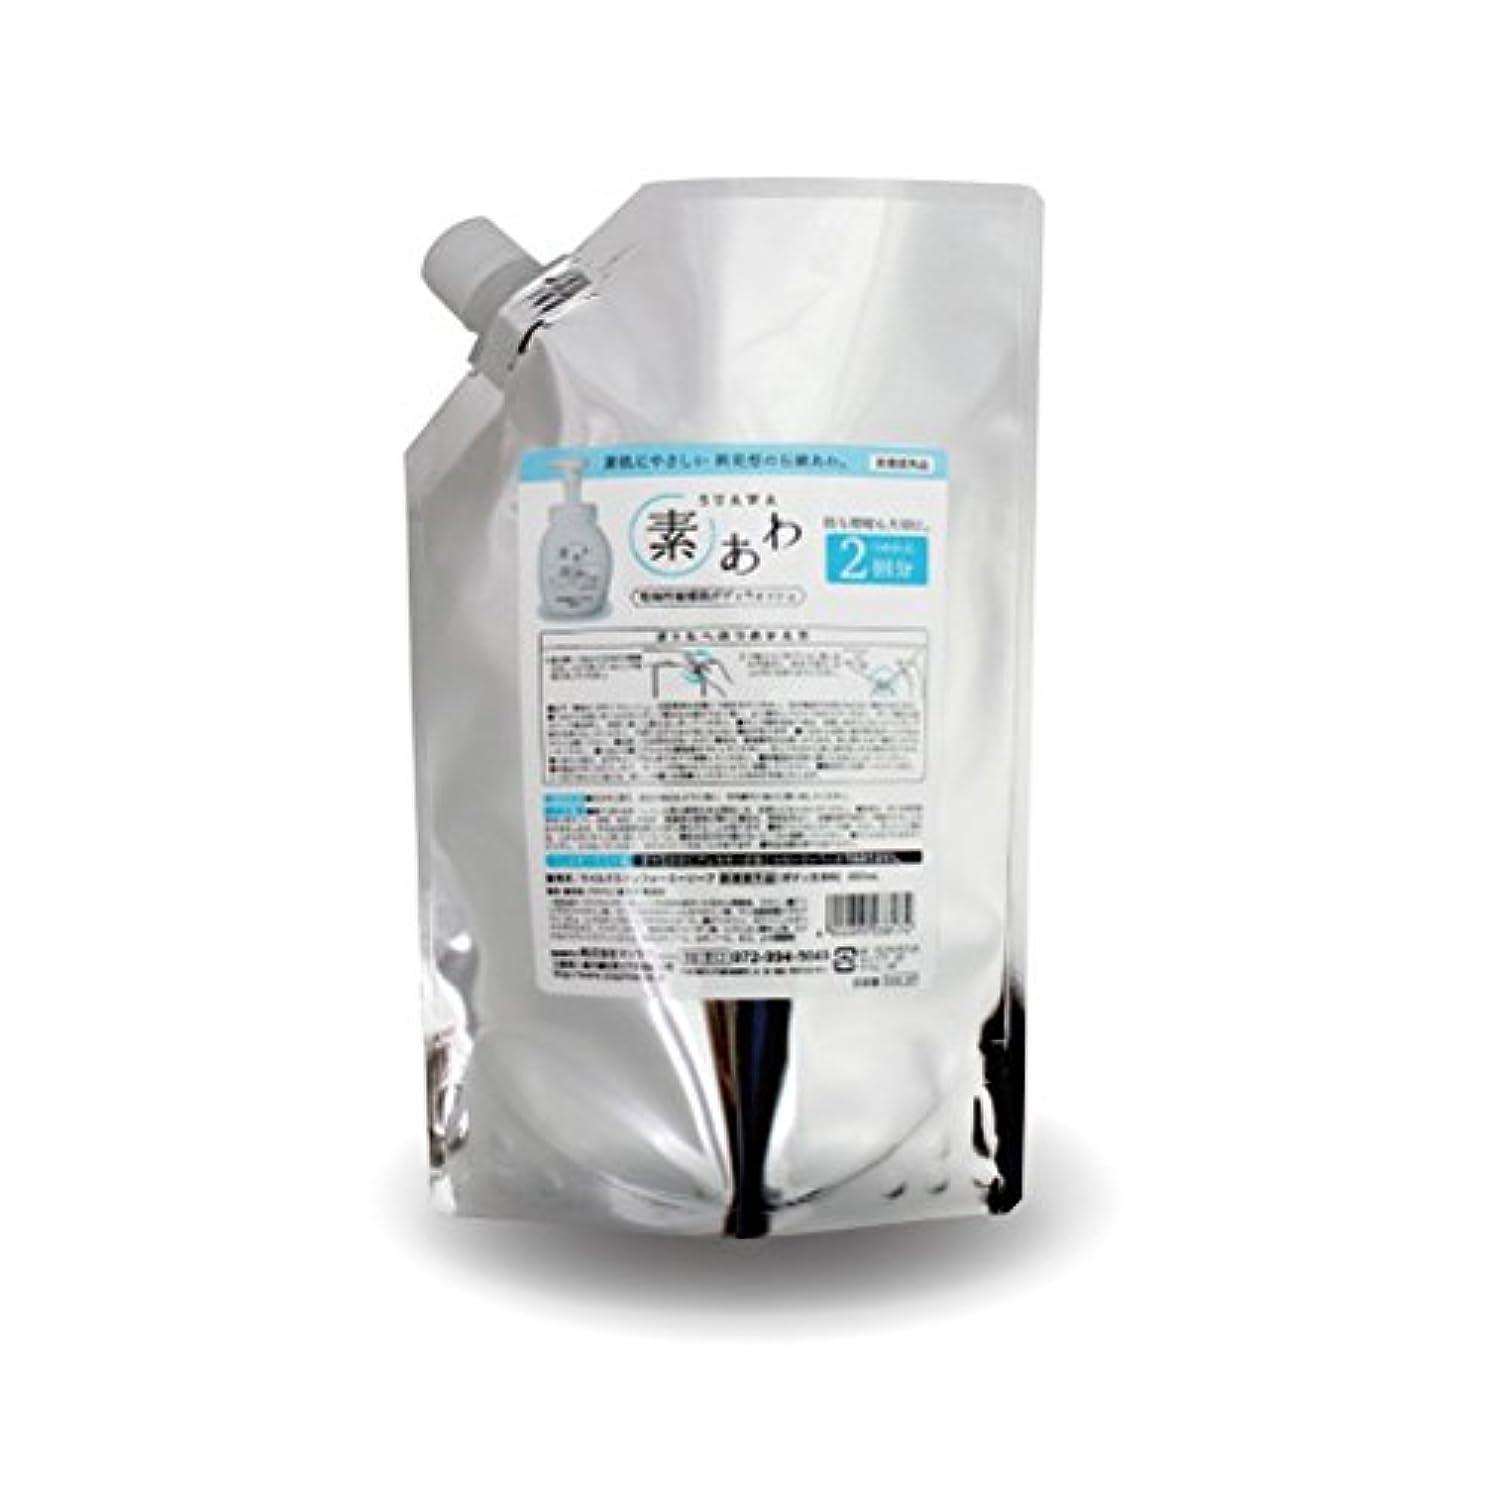 気球ジョージハンブリー性能薬用 素あわ 泡タイプ ボディソープ 詰替2回分パウチ 800mL 乾 燥 肌 ? 敏 感 肌 に